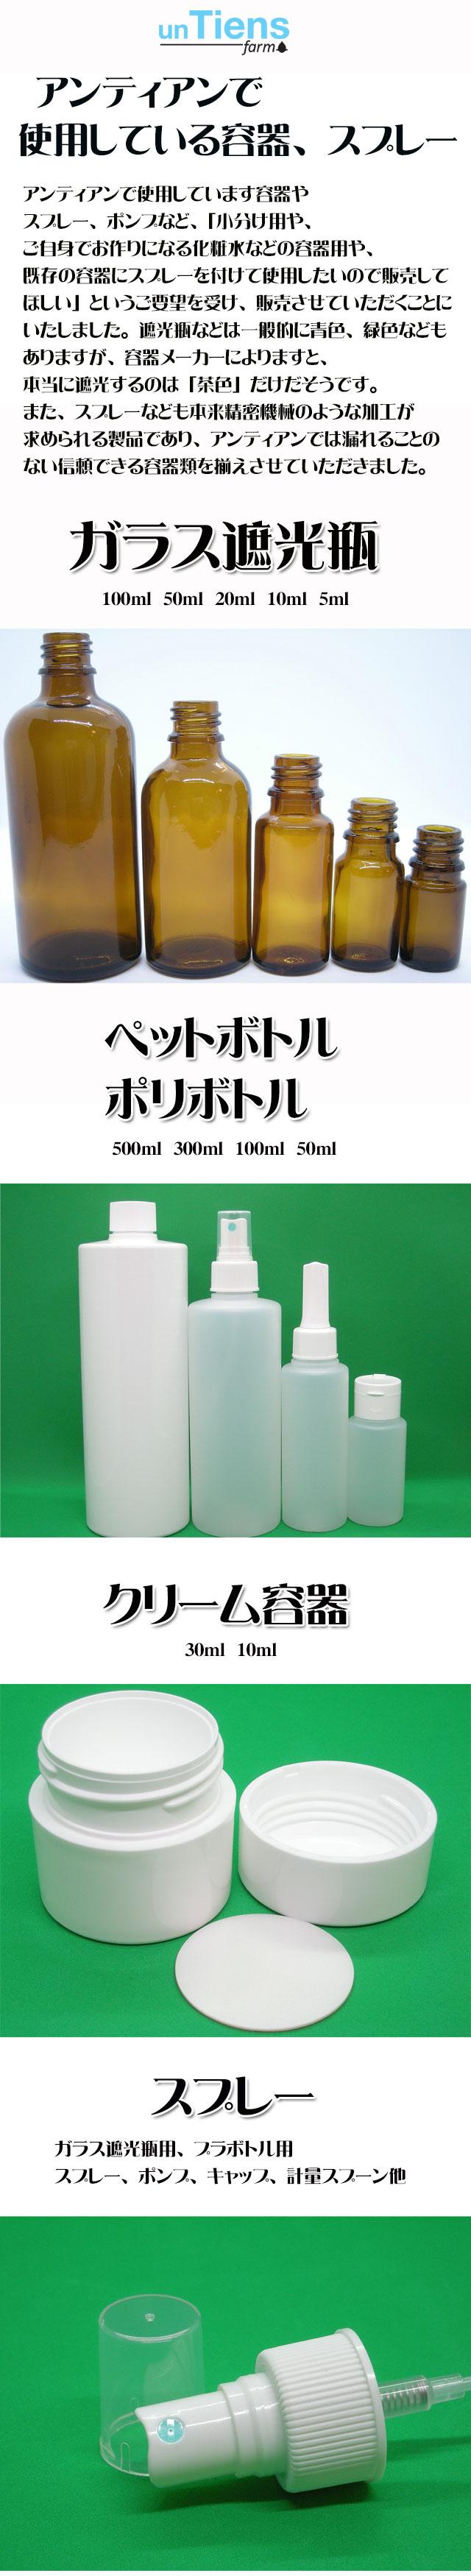 オーガニック化粧品手作り無添加石鹸オーガニックアンティアン容器グループページ top